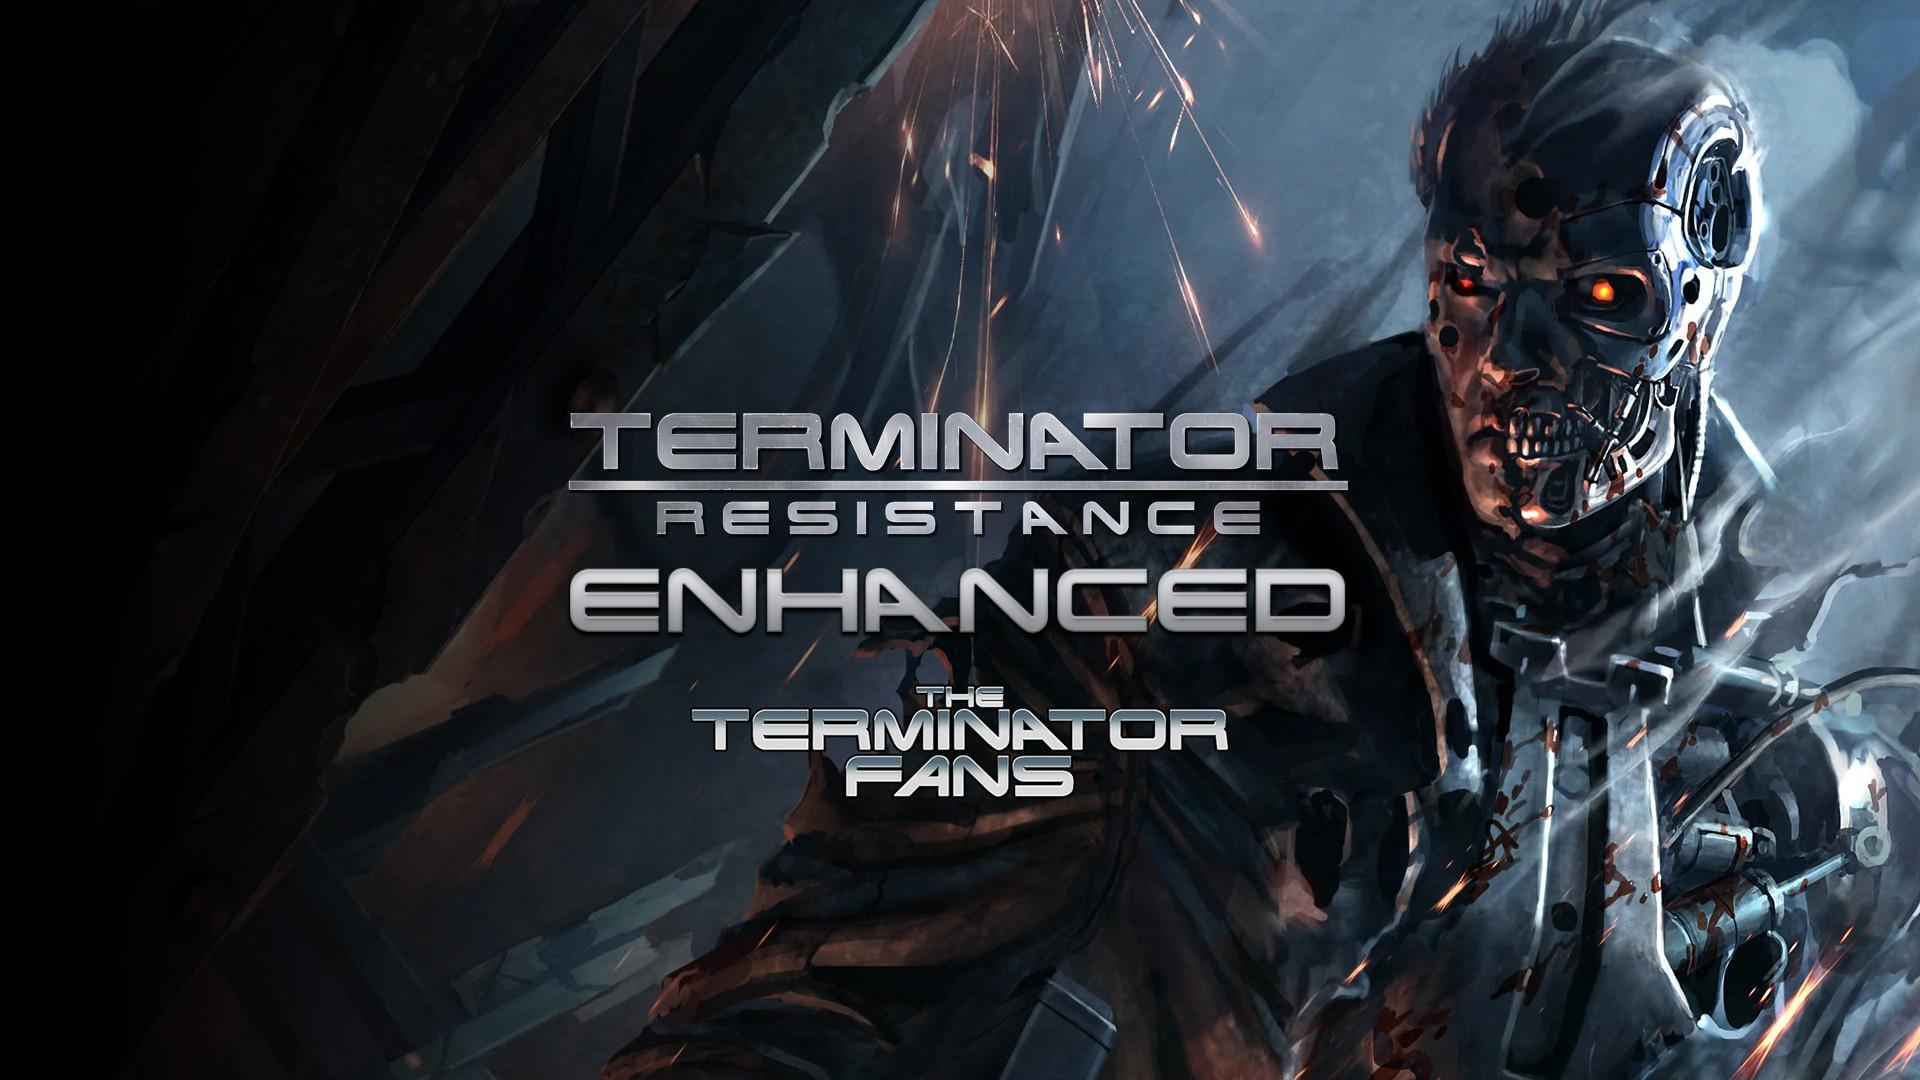 Вышла некстген версия Terminator Resistance Enhanced для PS5